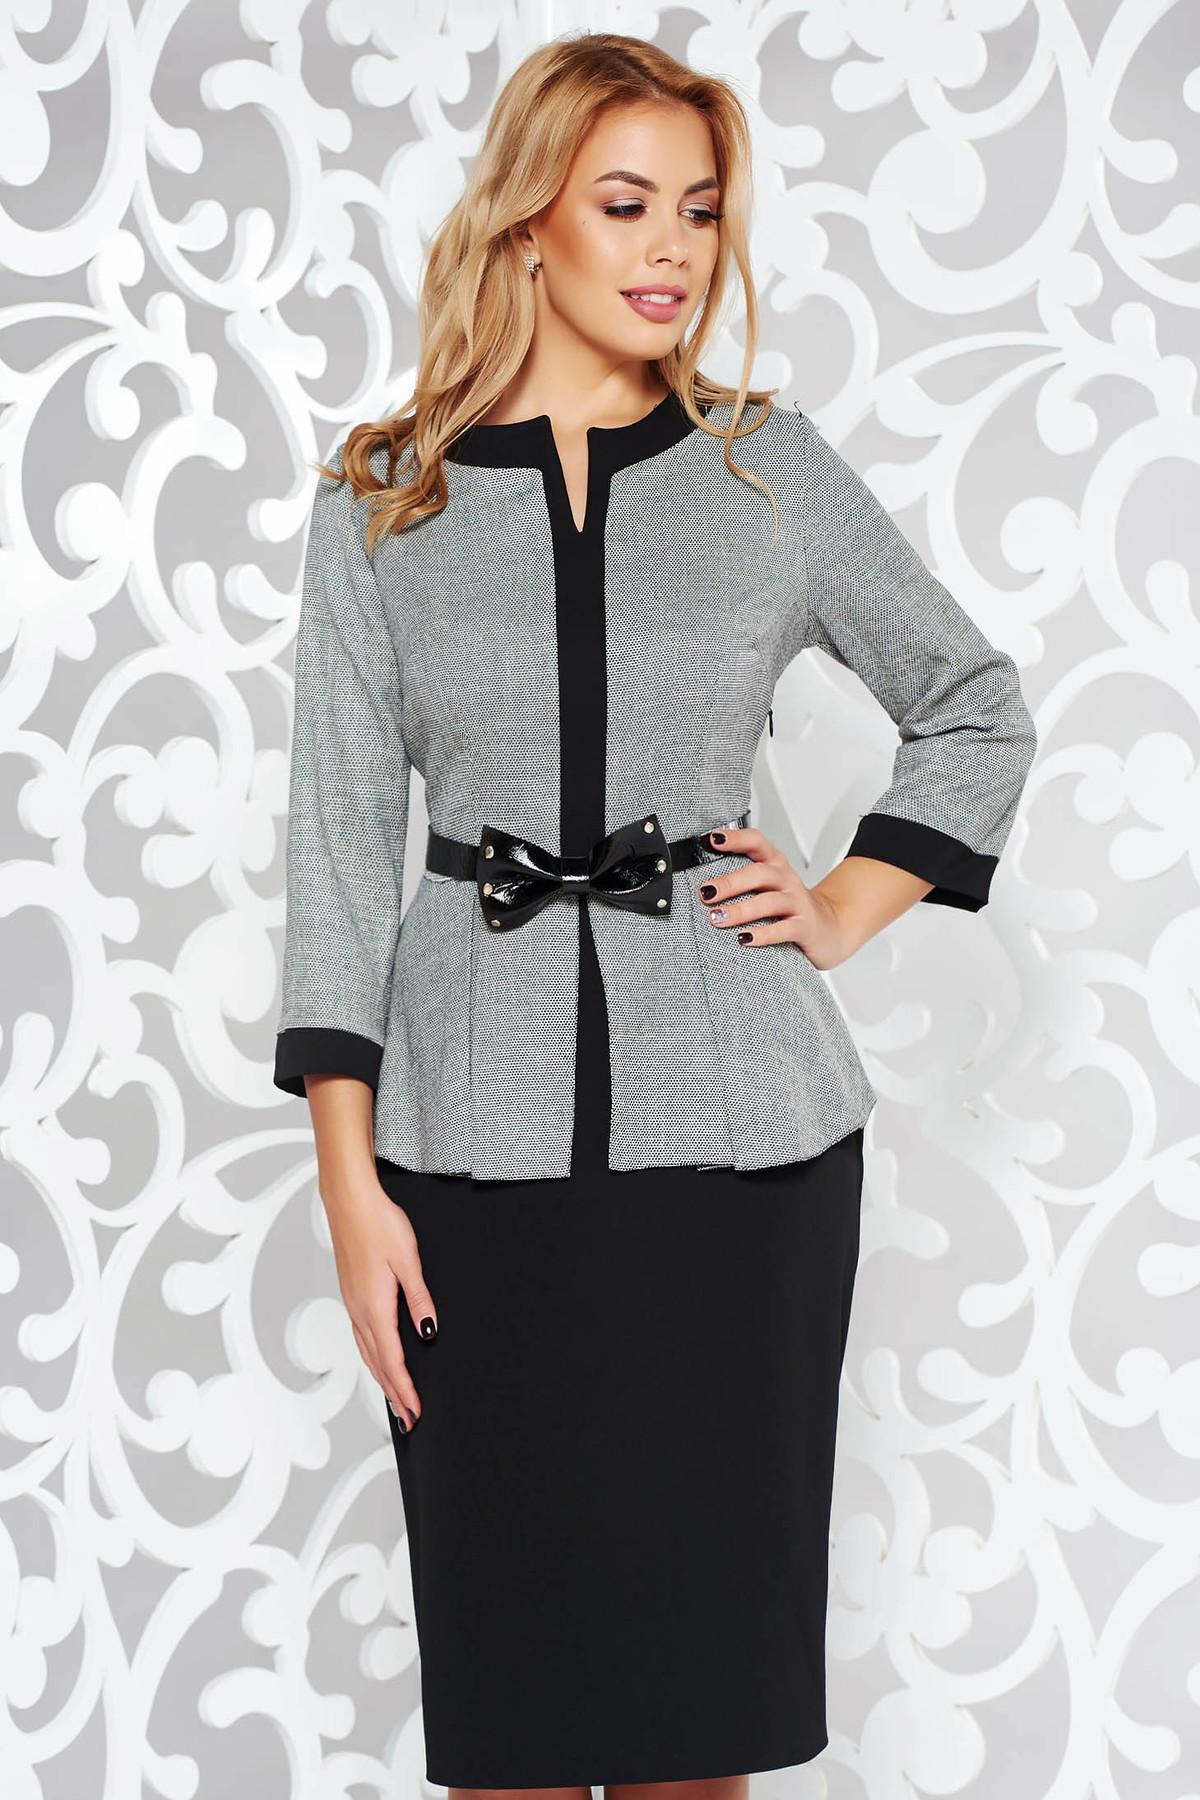 Rochie neagra office tip creion din stofa subtire usor elastica cu peplum accesorizata cu cordon